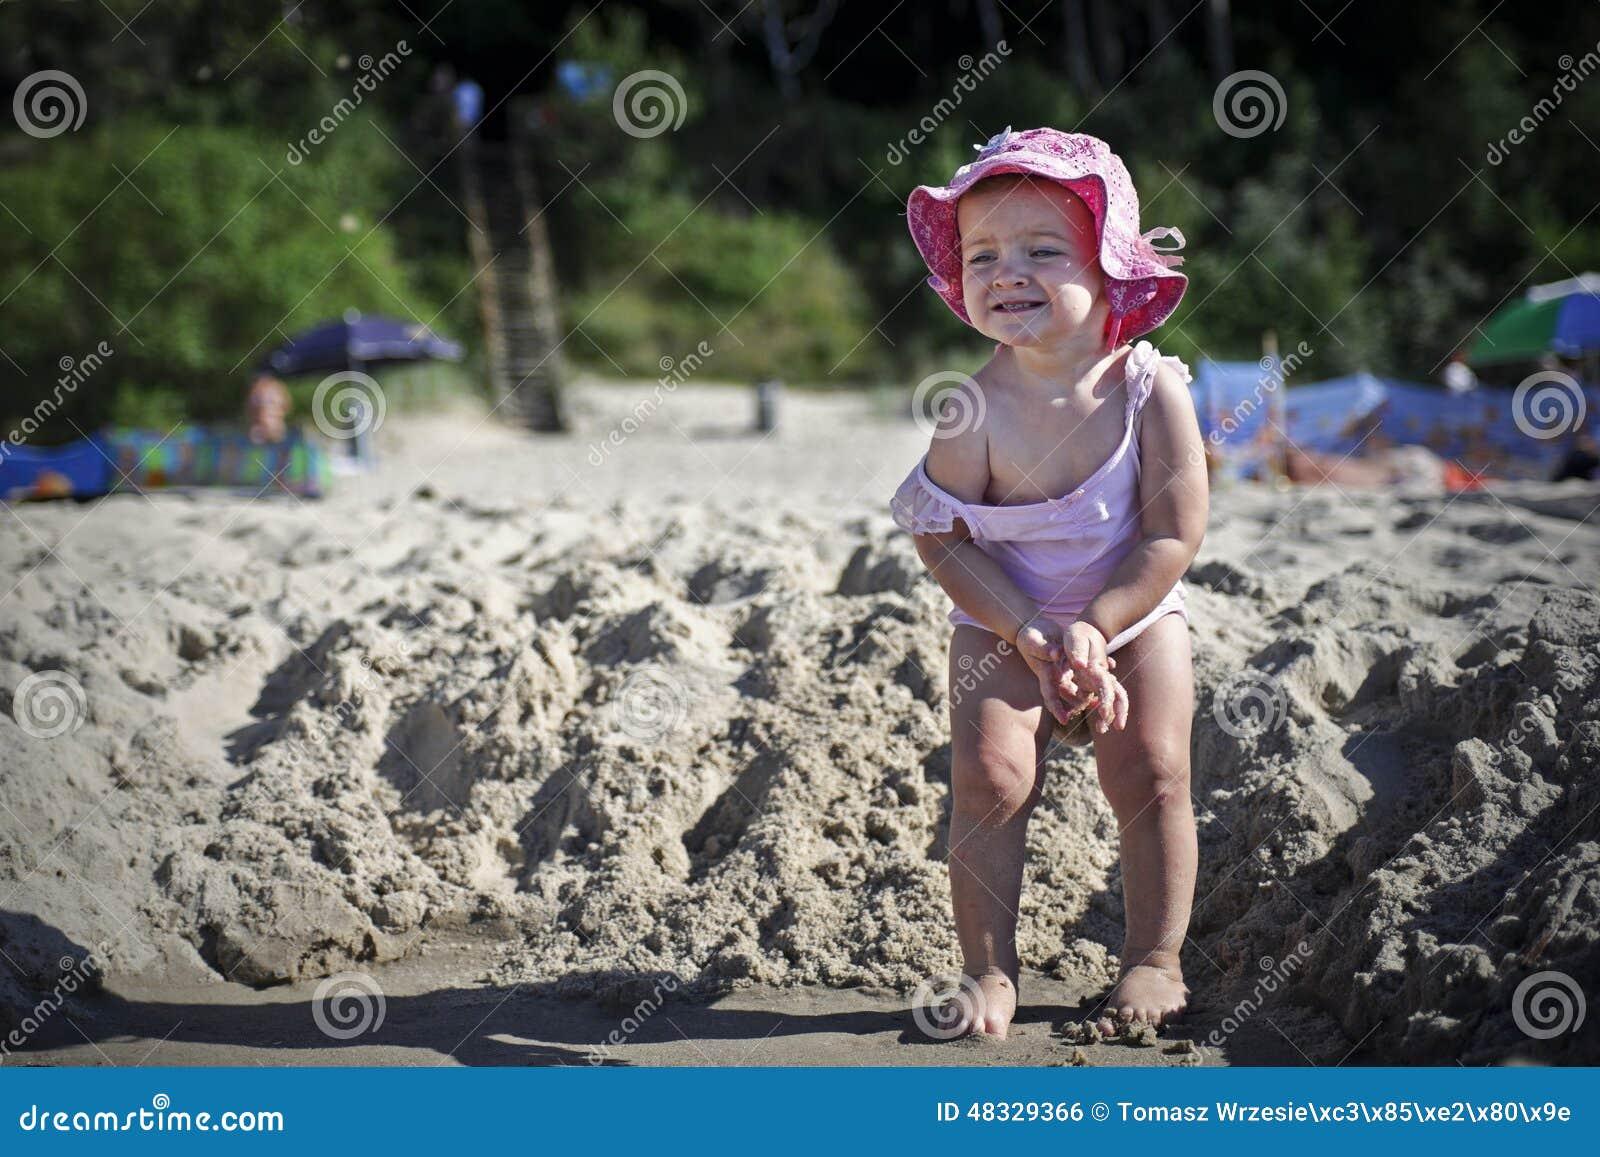 Kleines Mädchen Möchte Pinkeln Stockfoto - Bild: 48329366